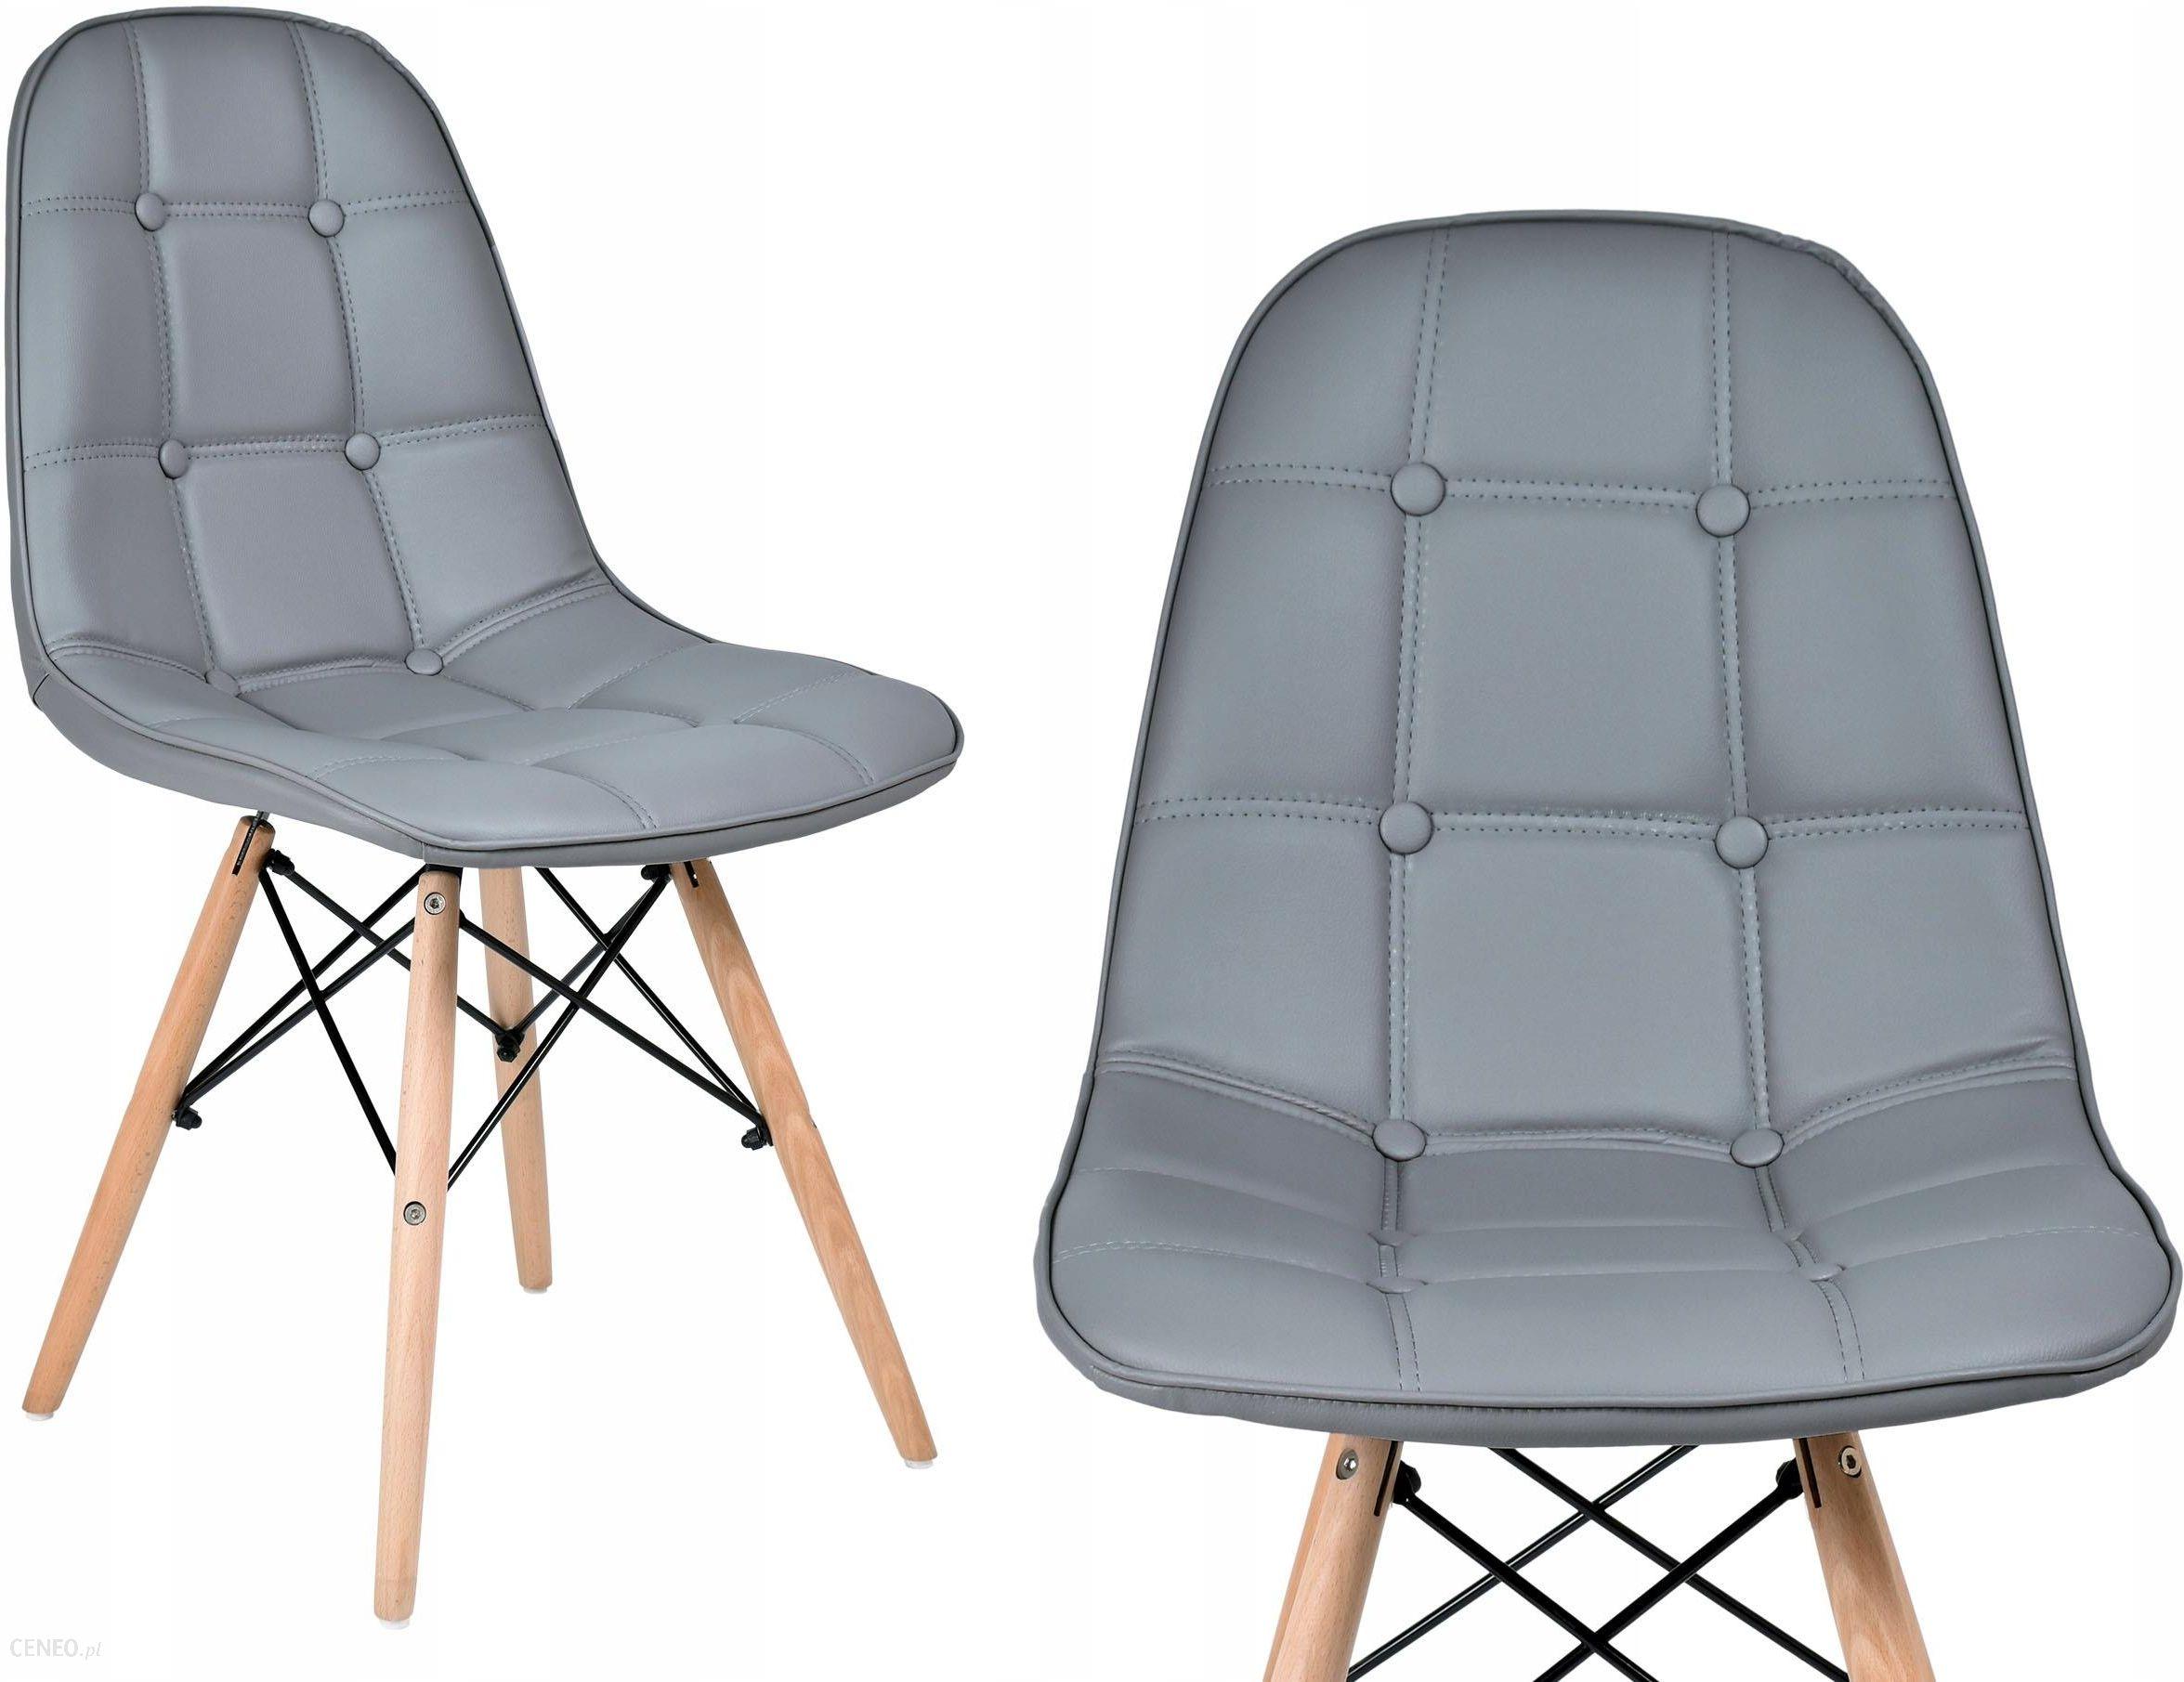 Krzesło Krzesła Do Salonu Dsw Hoker Nowoczesne